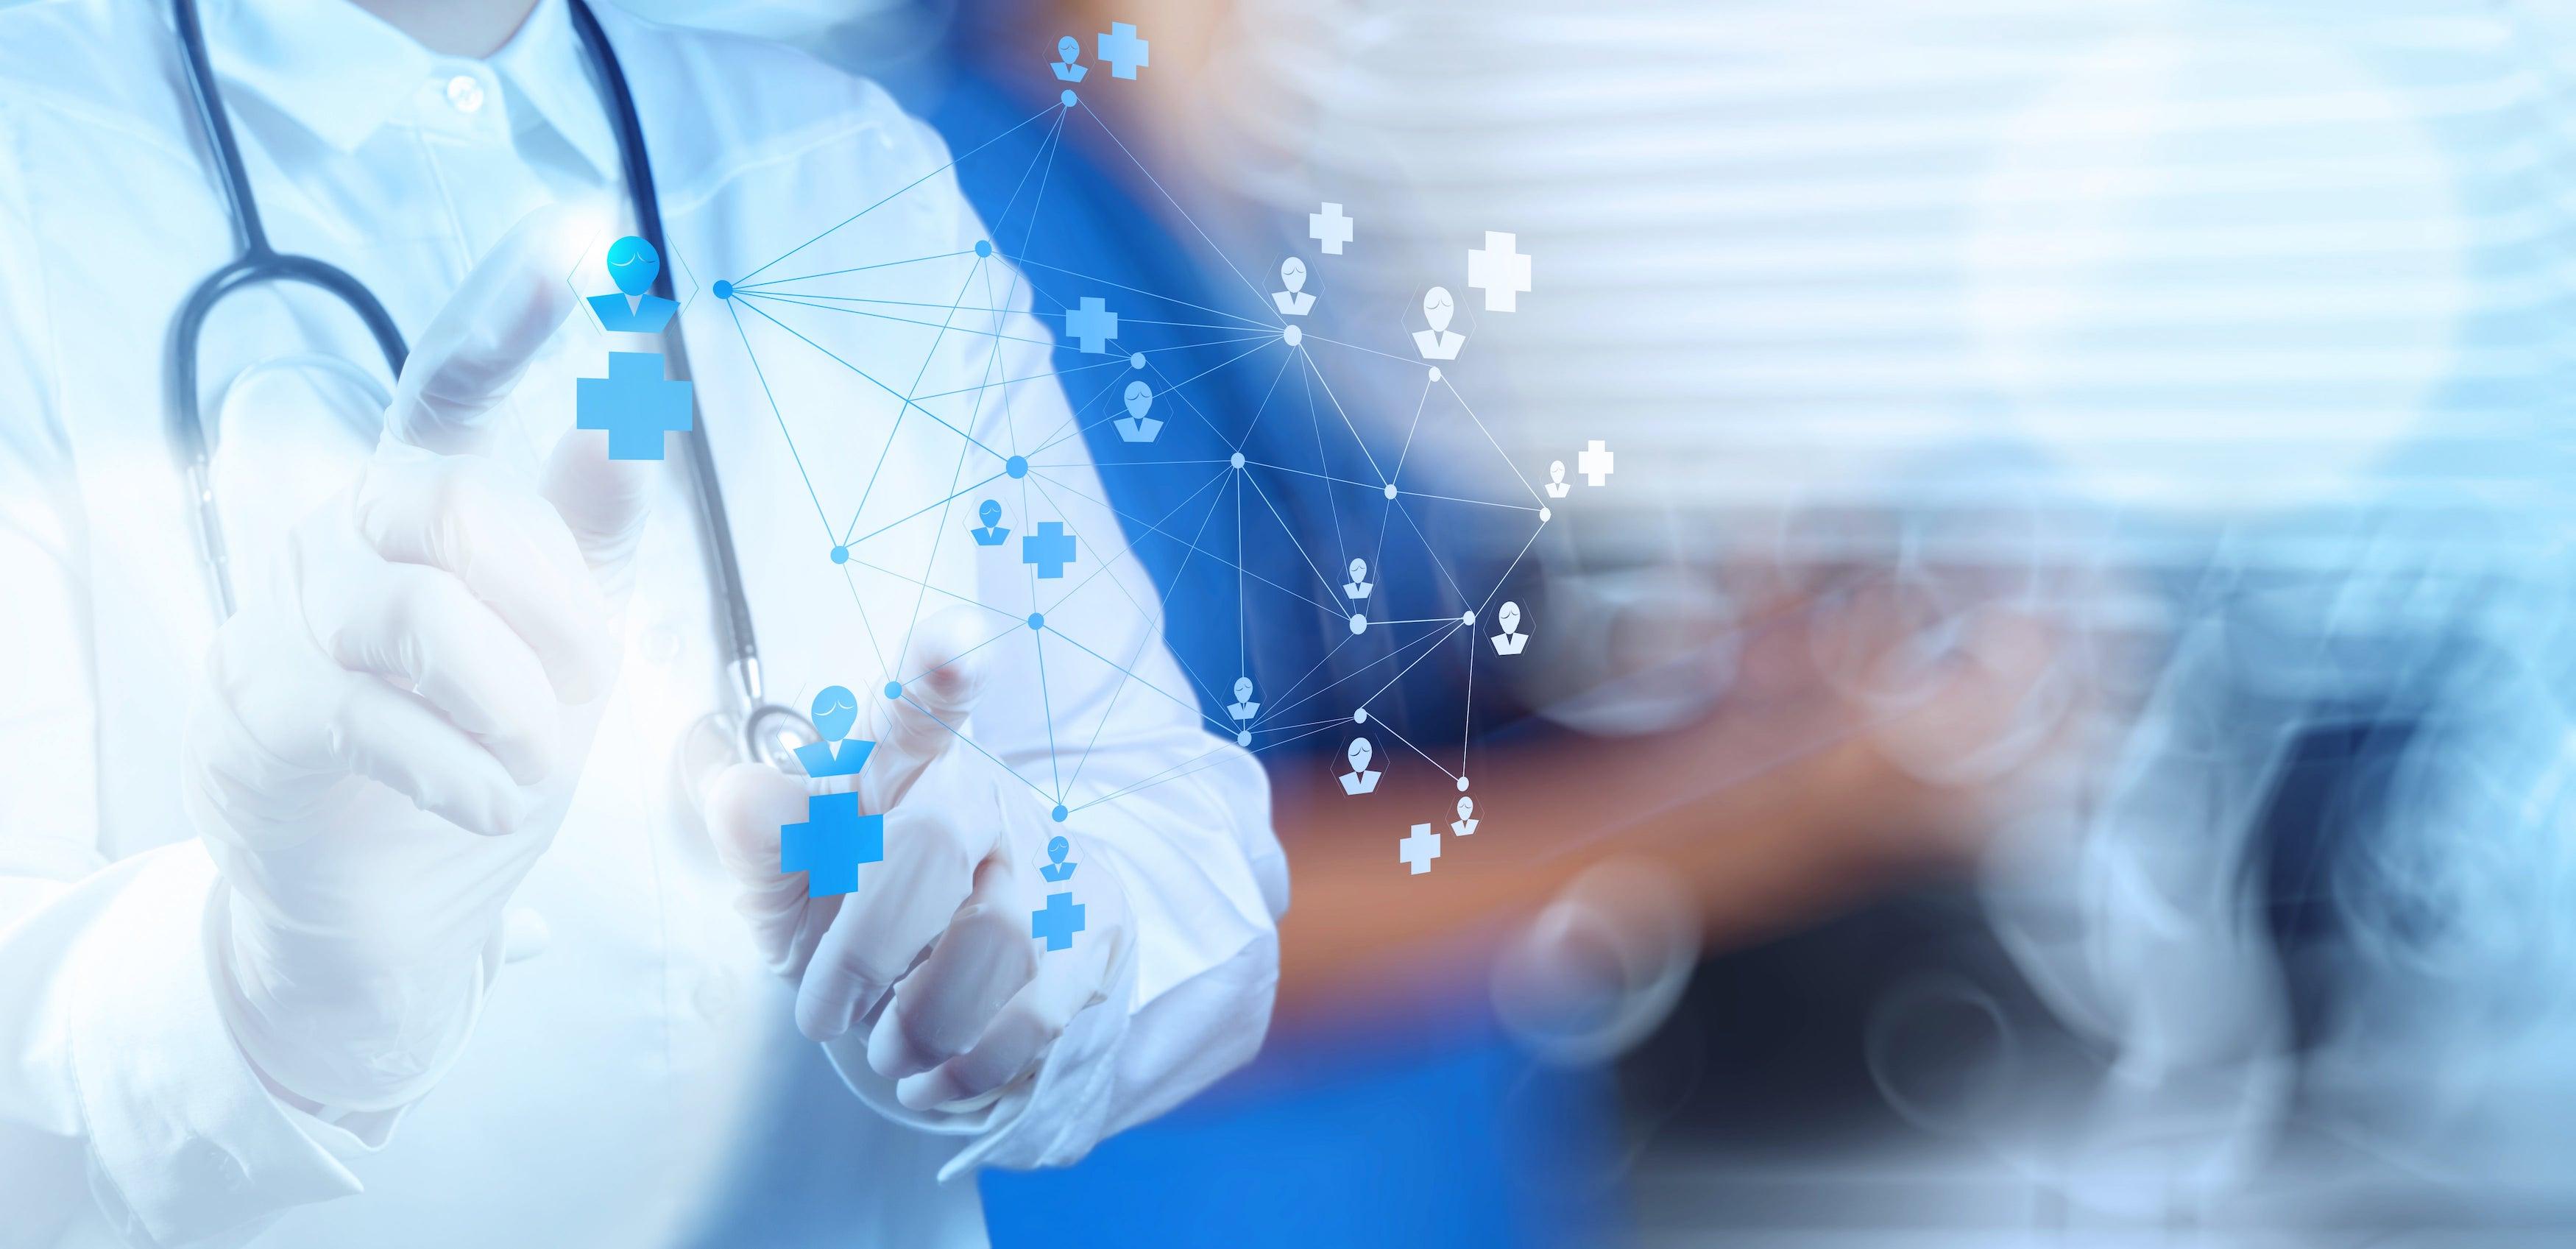 Медицинское оборудование для диагностики: как выбрать поставщика